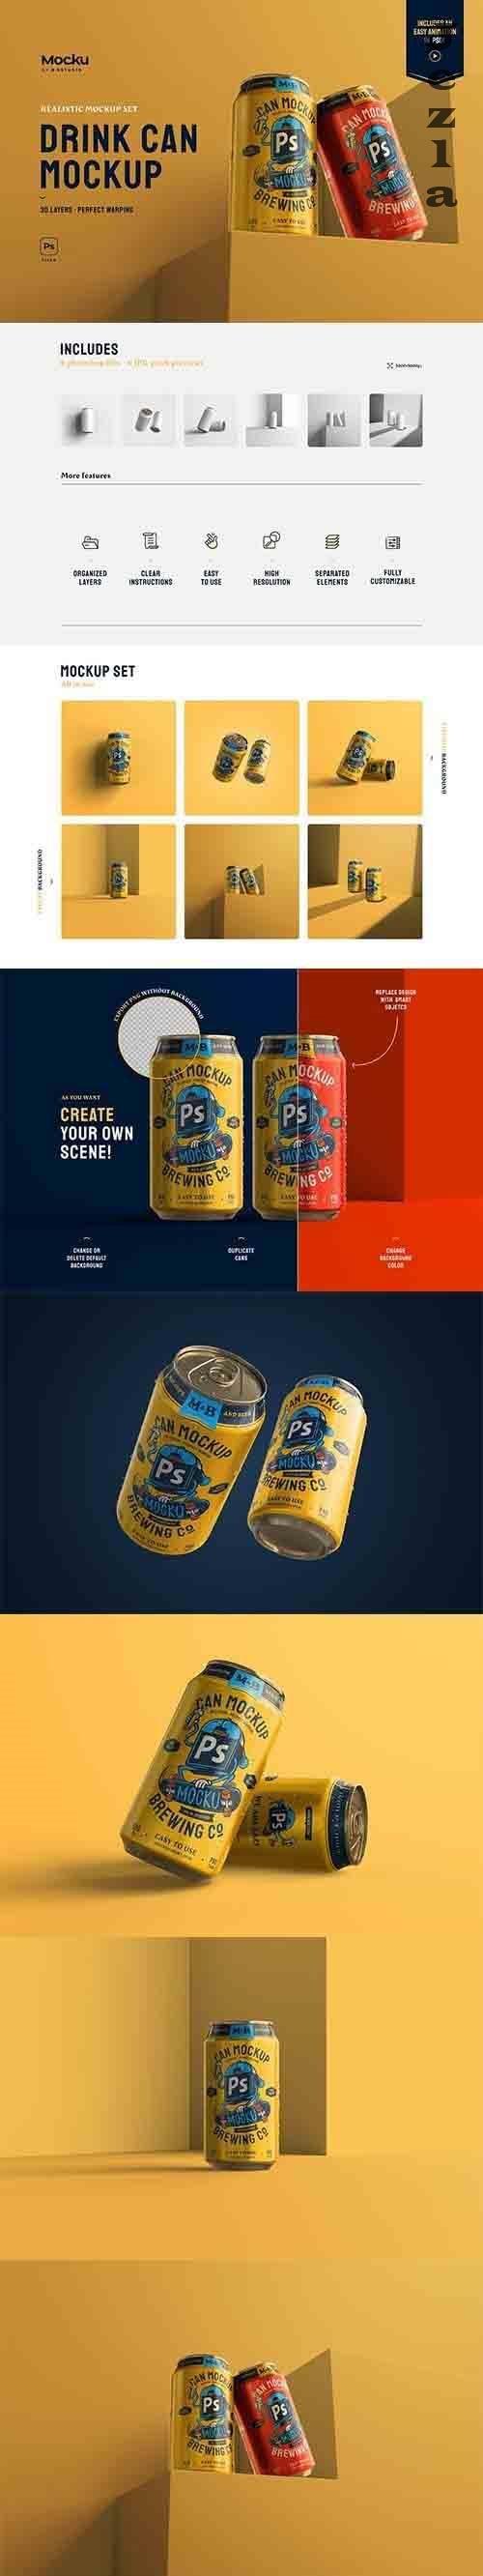 Drink Can Mockup Set - 5960720